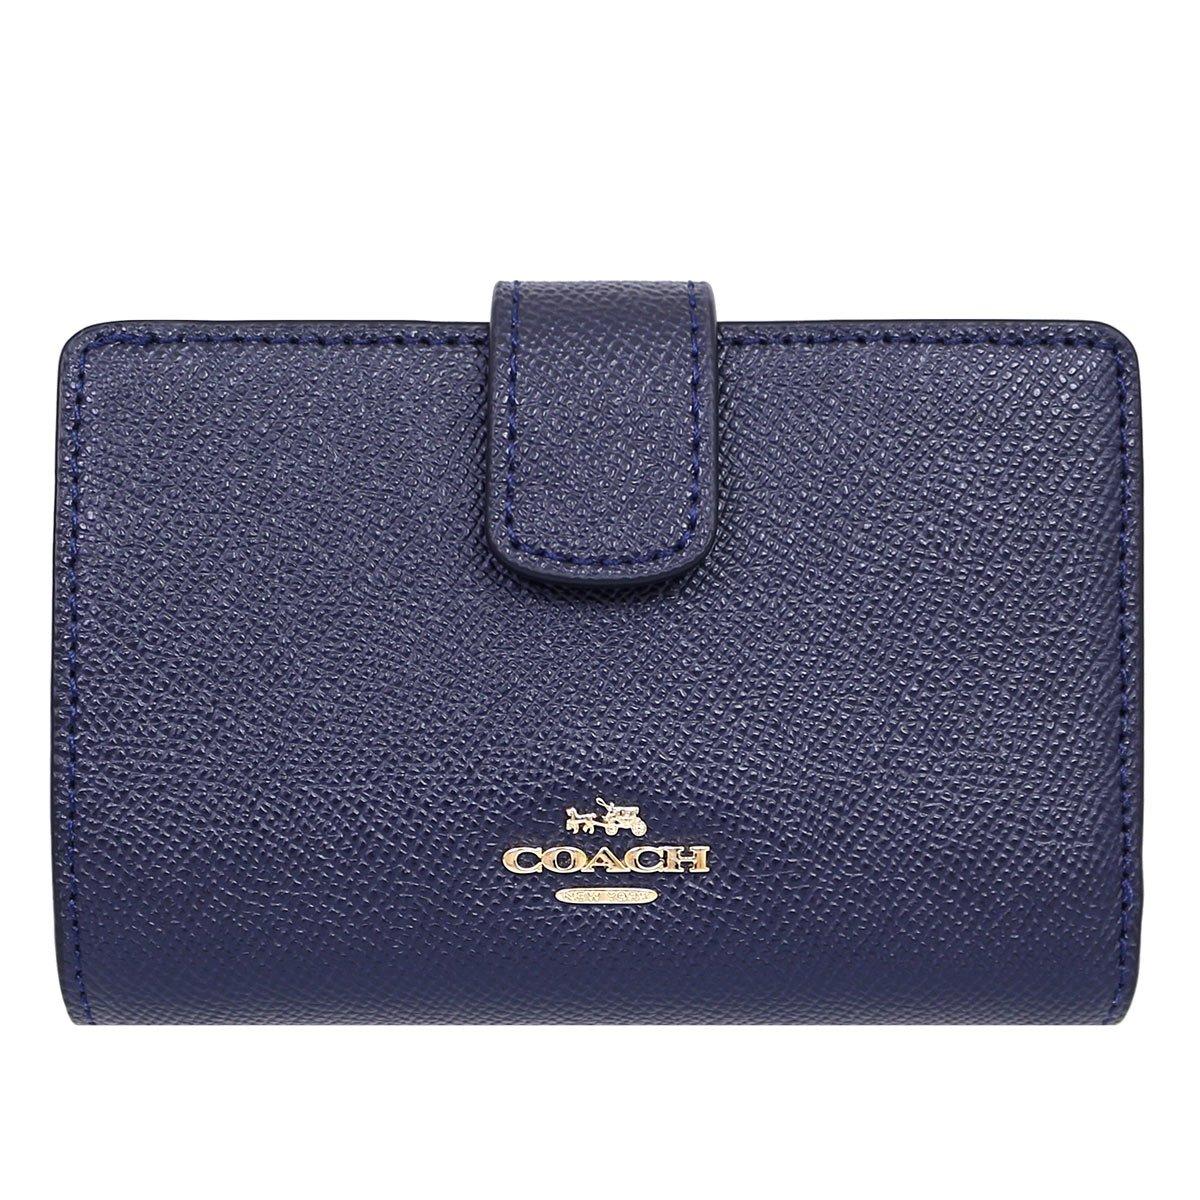 [コーチ] COACH 財布 (二つ折り財布) F54010 レザー 二つ折り財布 レディース [アウトレット品] [並行輸入品] B01G20M3CO ミッドナイト ミッドナイト